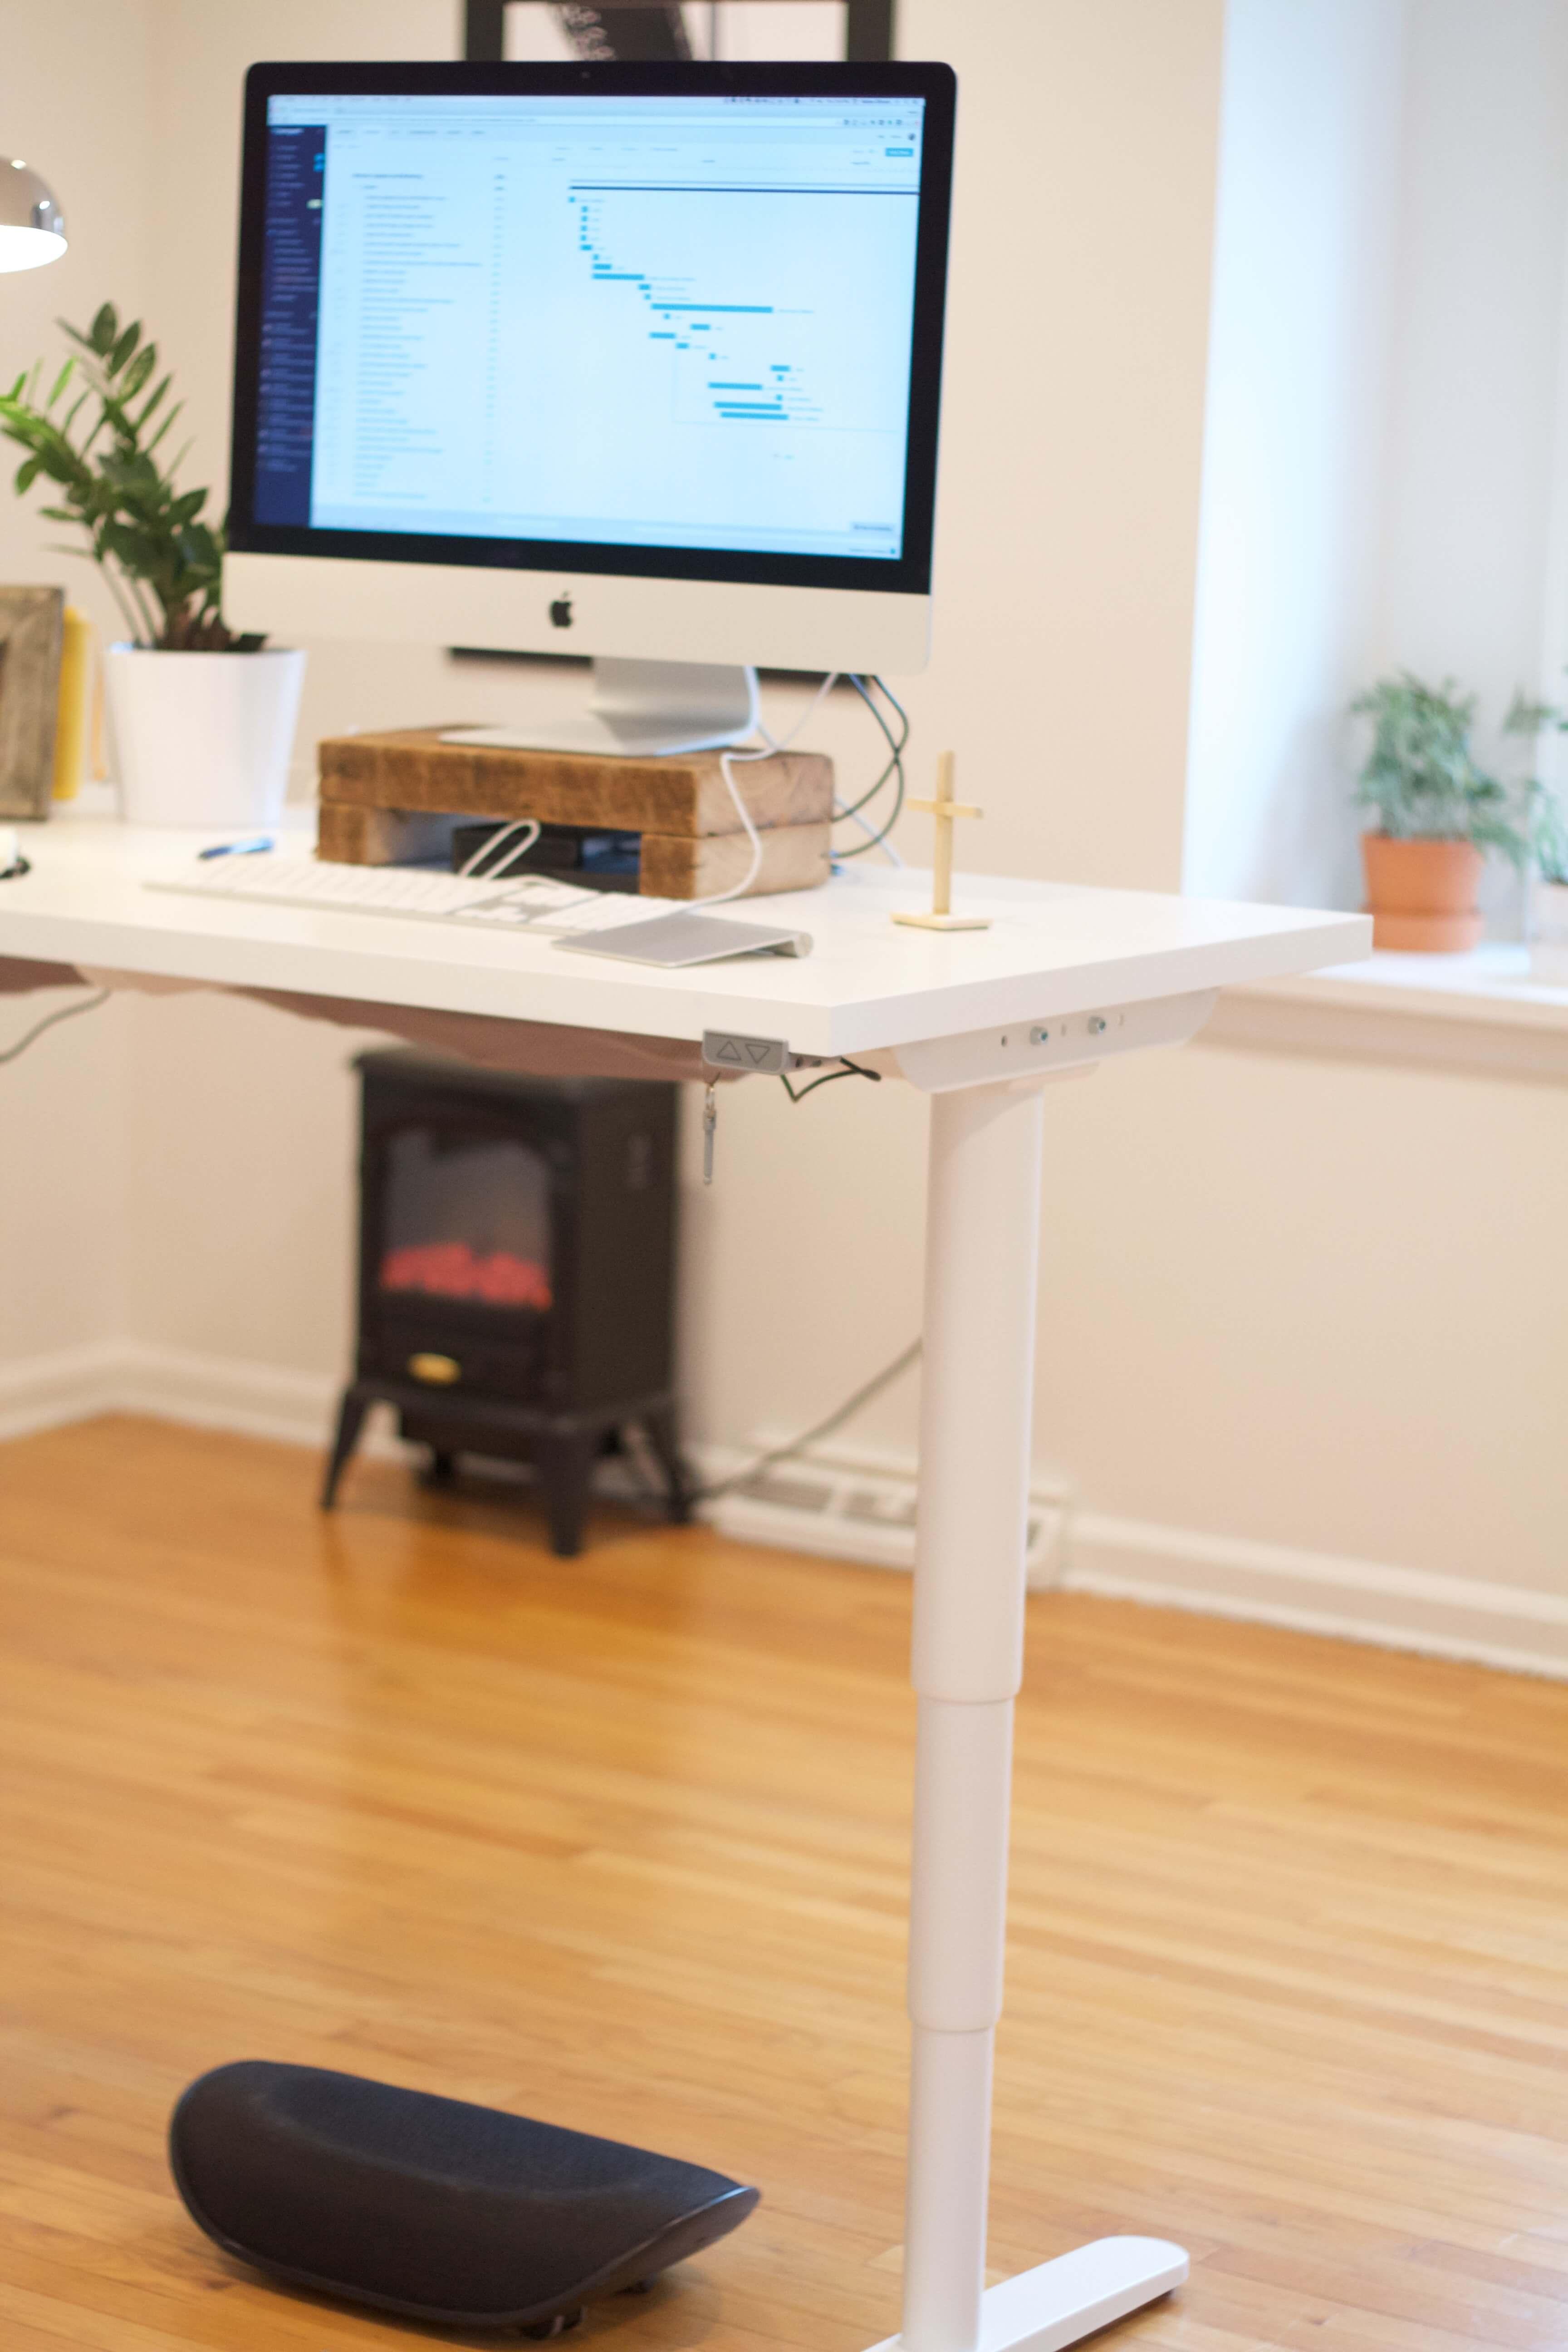 Ikea Motorized Standing Desk in Home Office